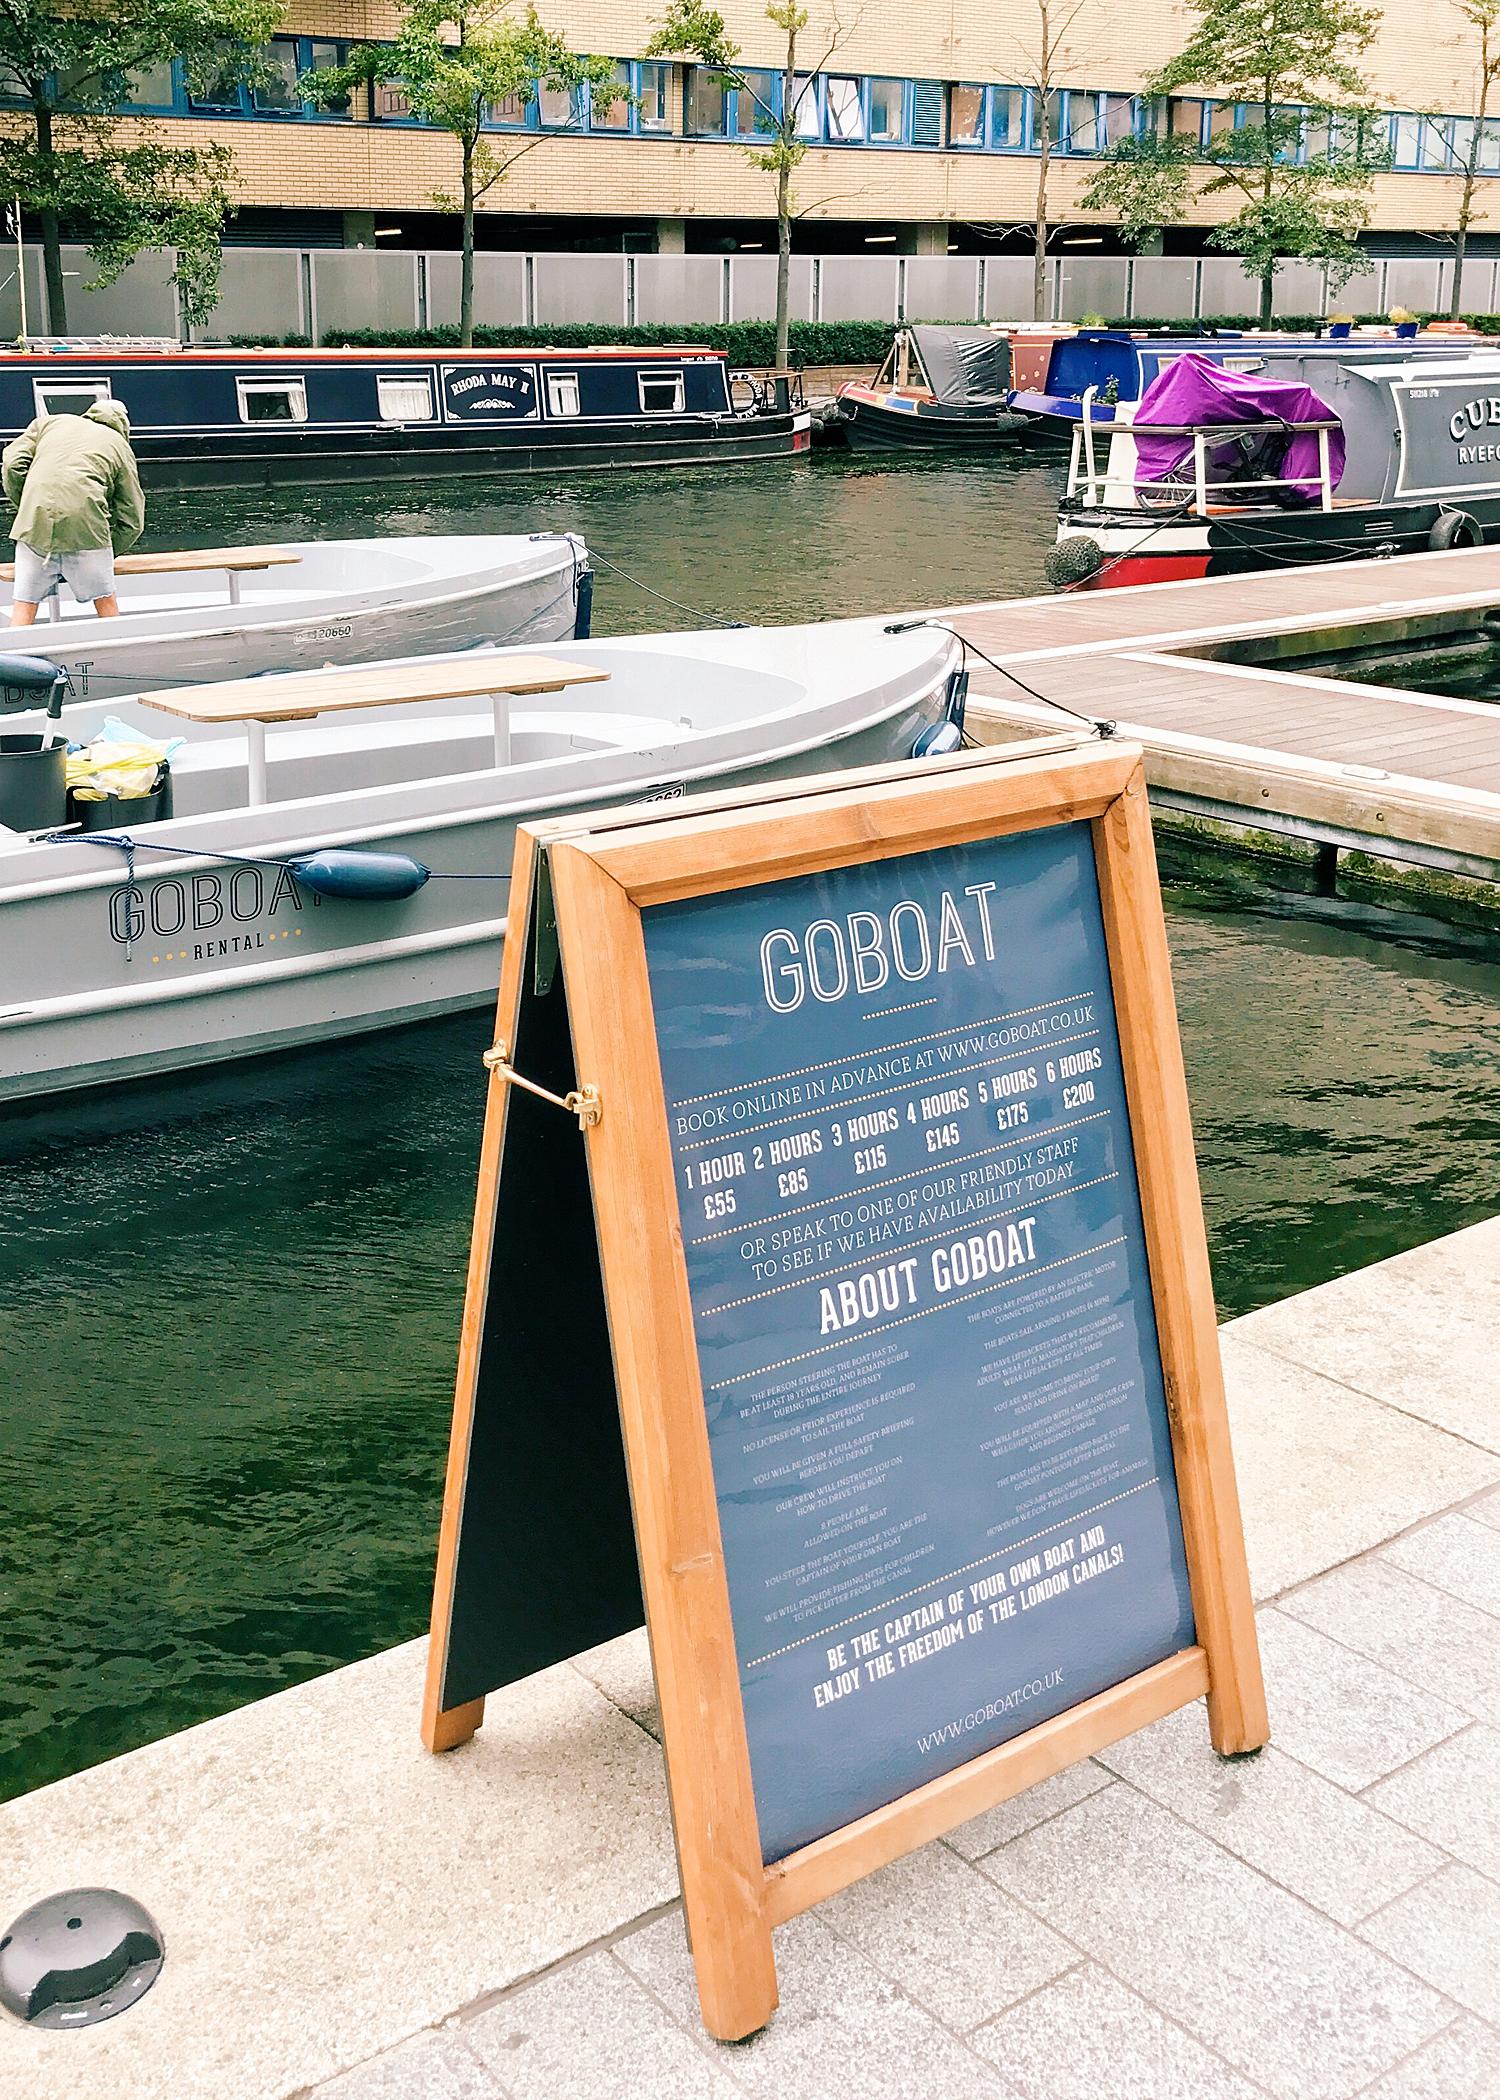 honeyidressedthepug-dogblog-dogfriendlyblog-thingstodowithyourdog-boatingwithdog-dogfashionblog-petfashionblog-goboatlondon-petblogger-humanandhound-fashionandlifestyle-londonpetblogger-topdogblog-puglife-pugonaboat-boatingwithdog-londoncanals13.jpg